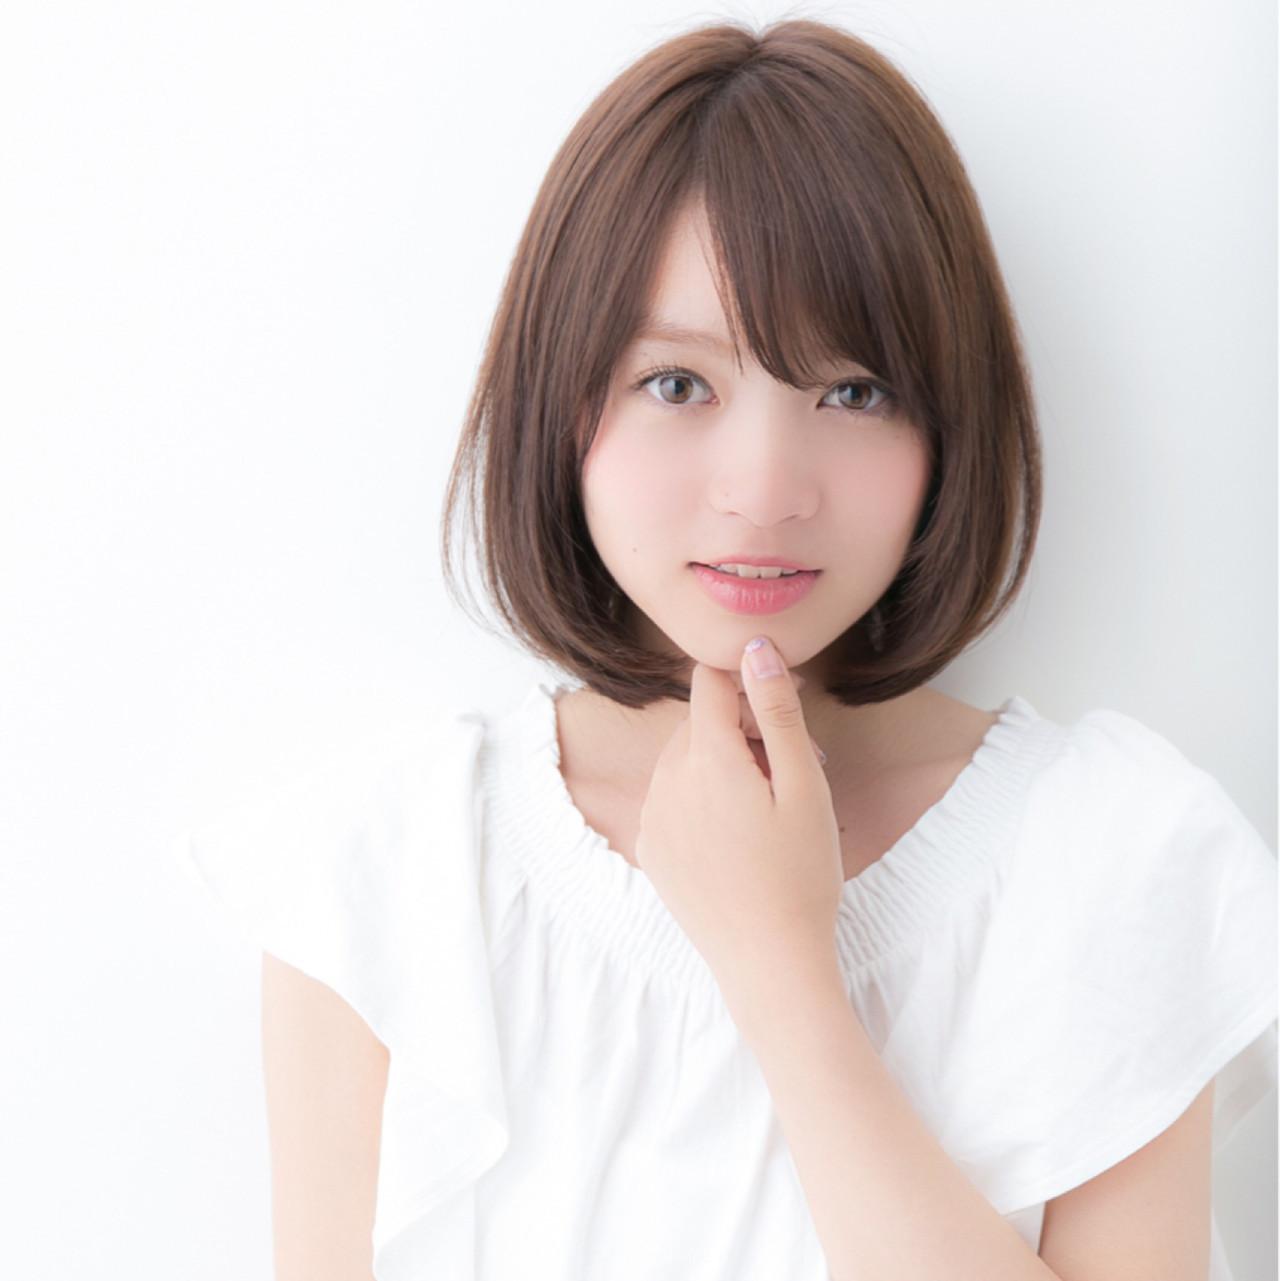 【男子ウケバツグン!】人気の髪型、ストレートヘアに挑戦しよう♡ 東 純平